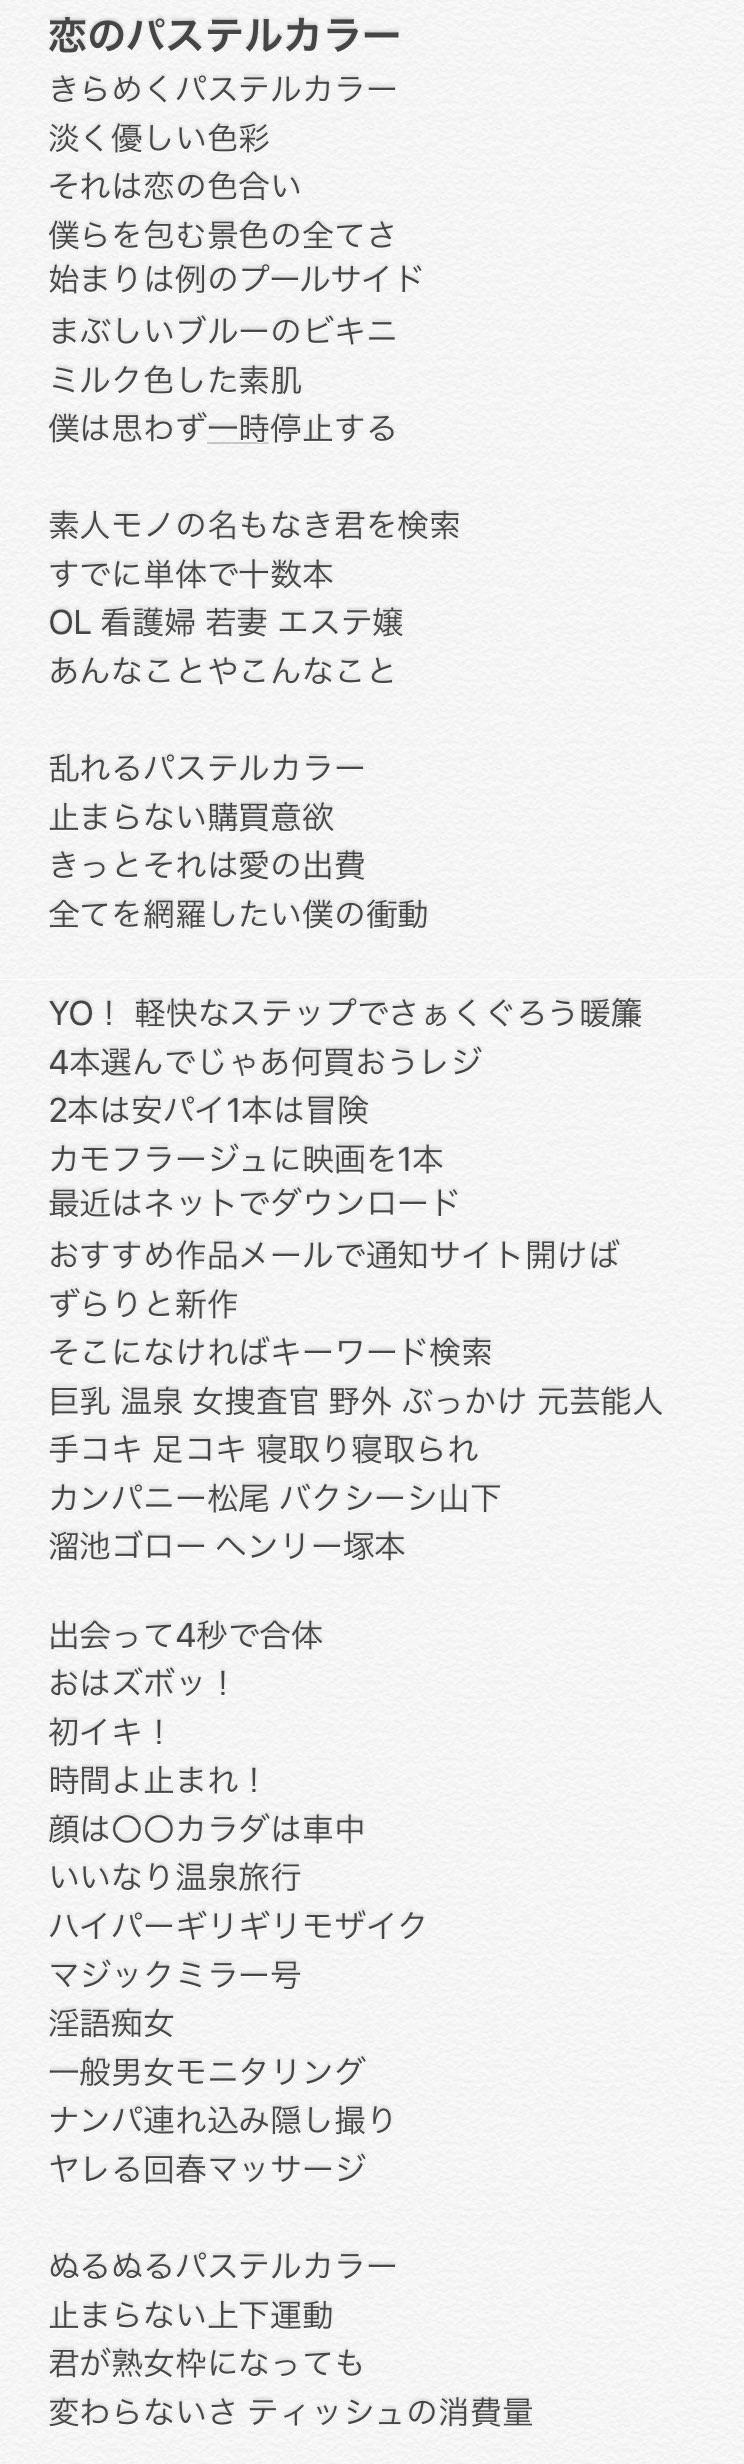 恋のパステルカラー001